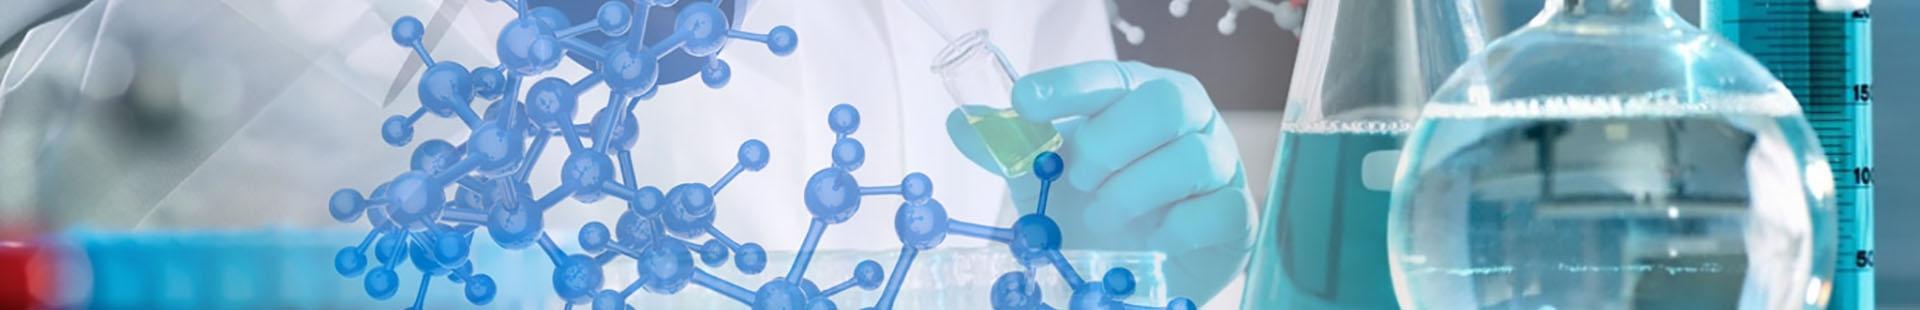 Φαρμακοβιομηχανία & Χημική Βιομηχανία